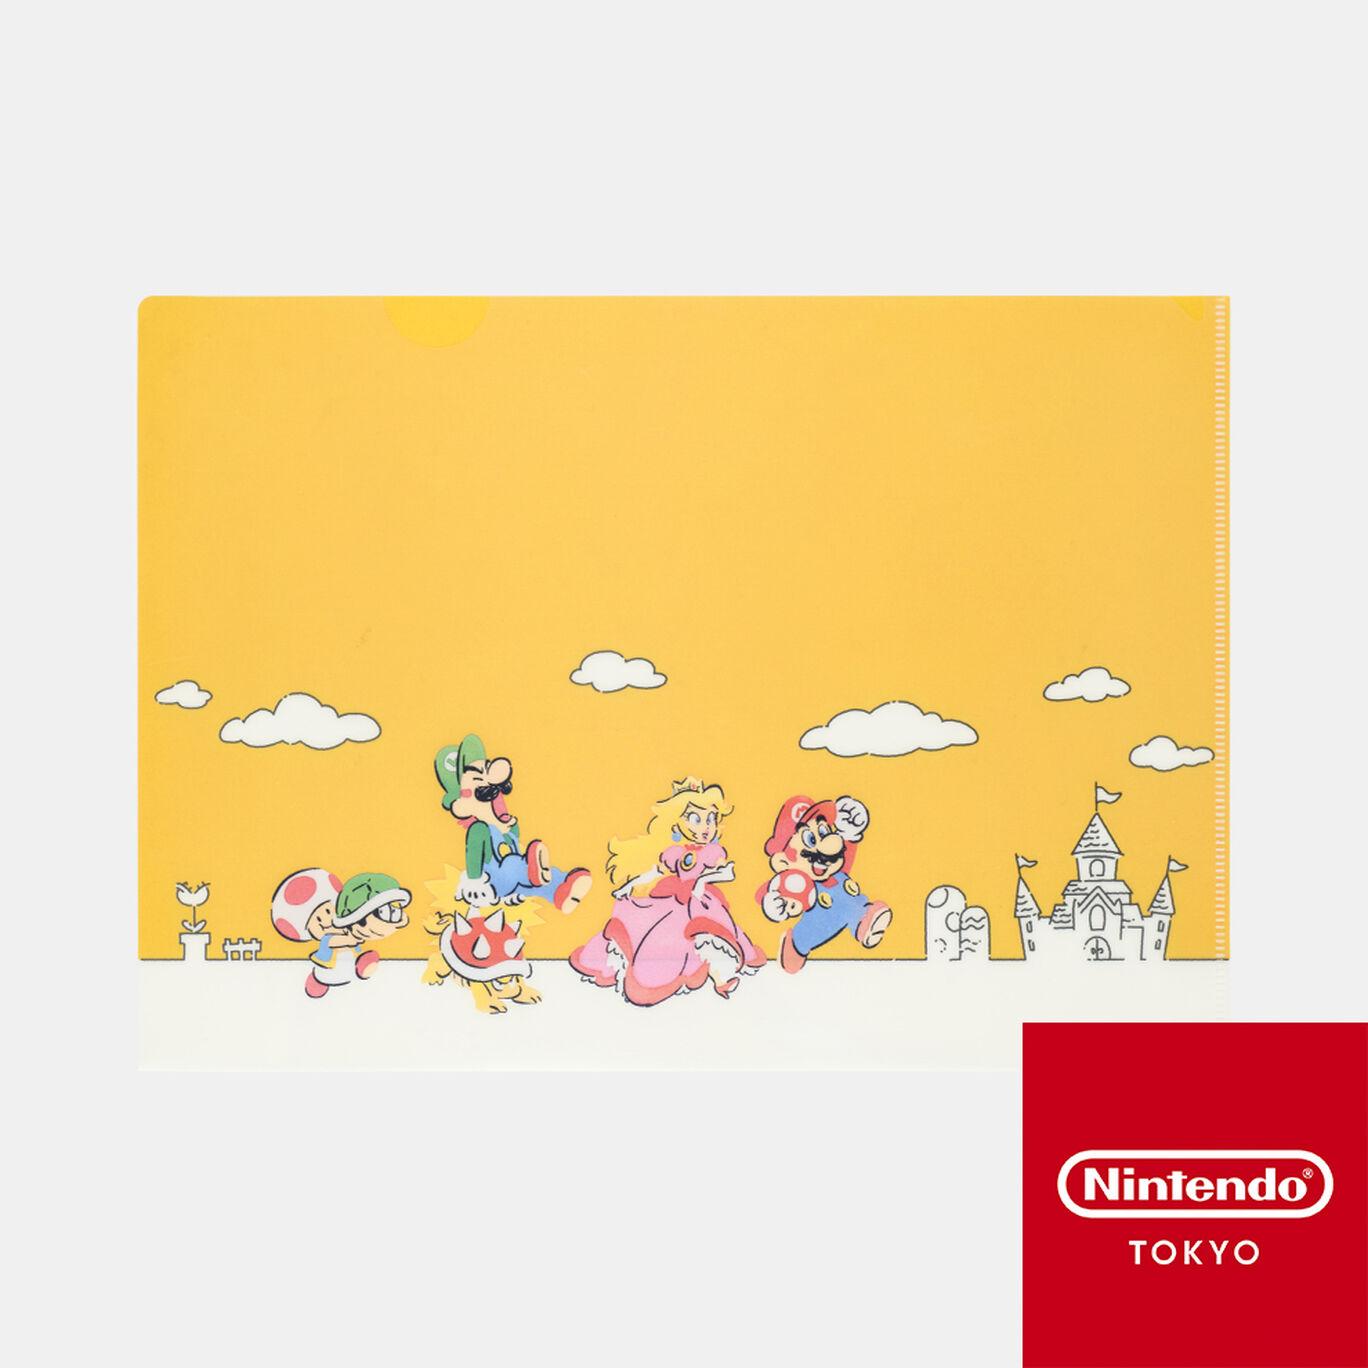 クリアファイル スーパーマリオファミリーライフ A【Nintendo TOKYO取り扱い商品】